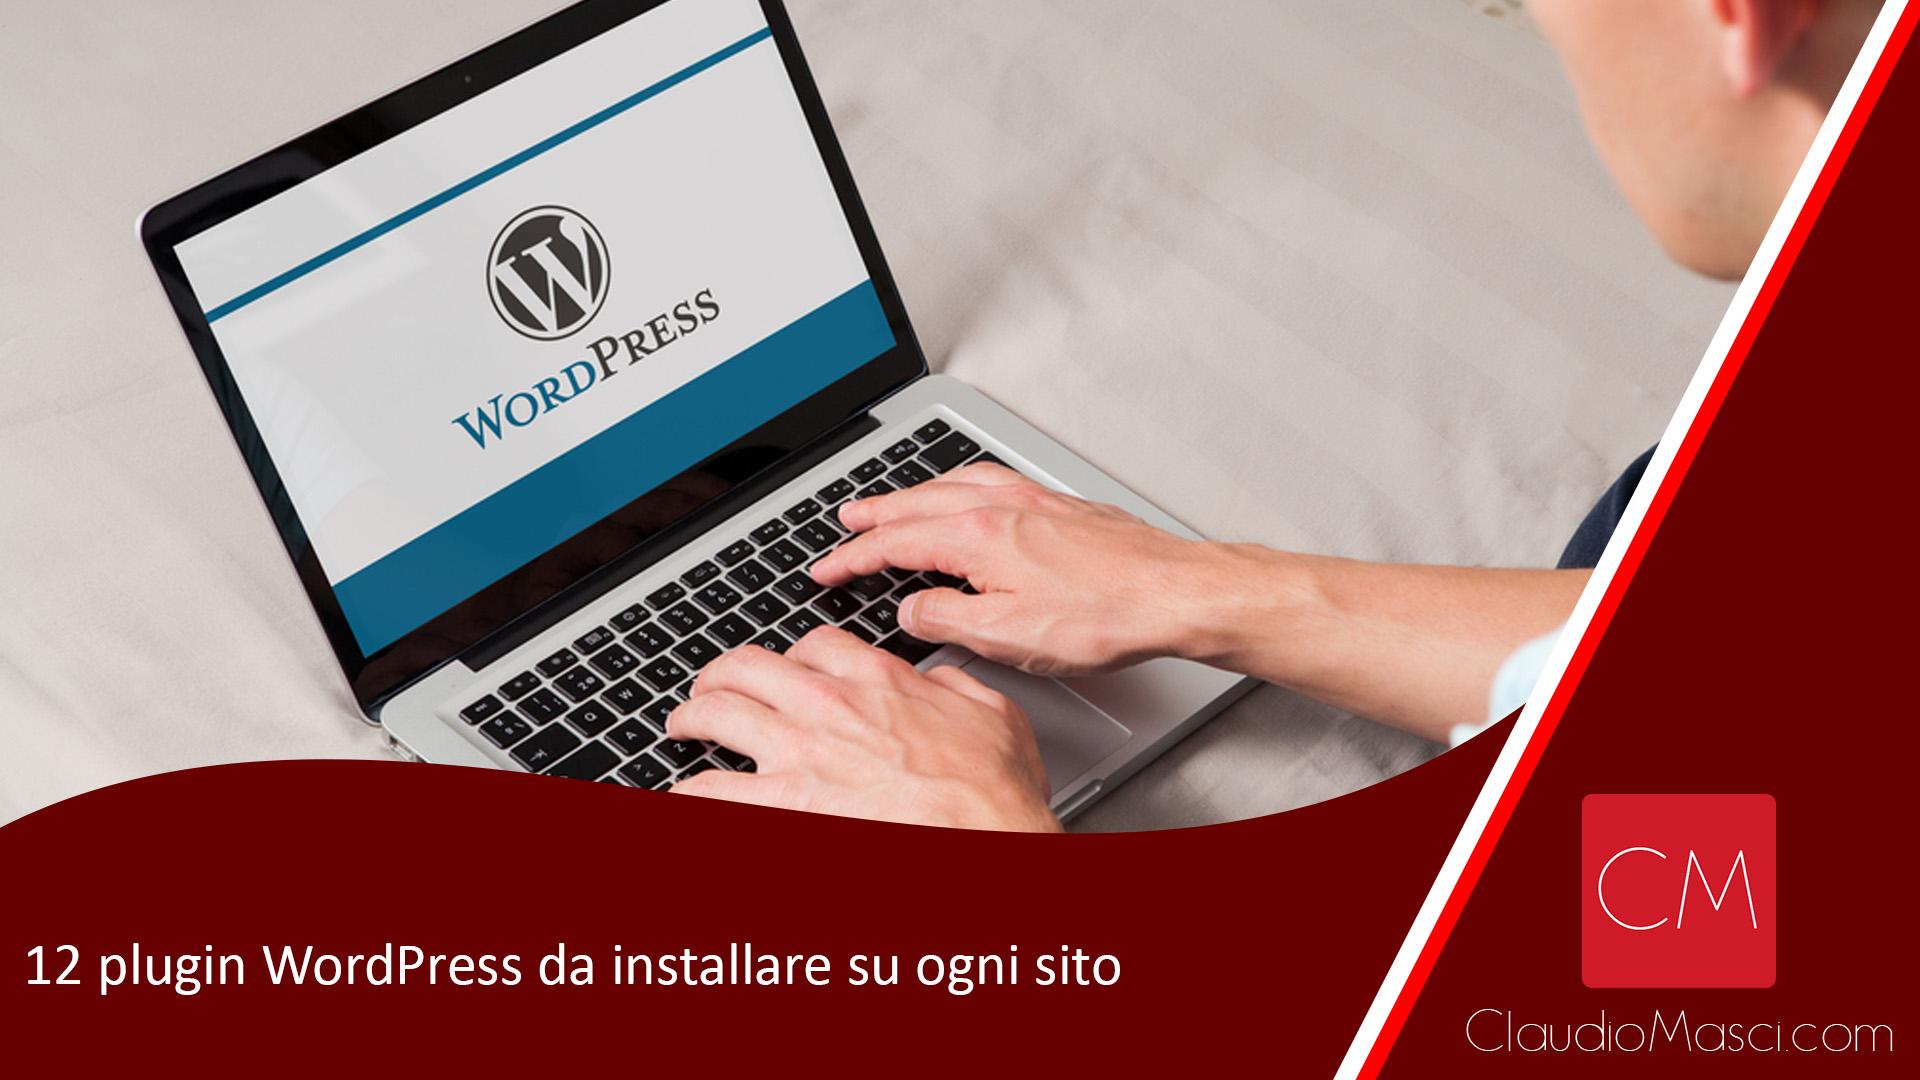 12 plugin WordPress da installare su ogni sito